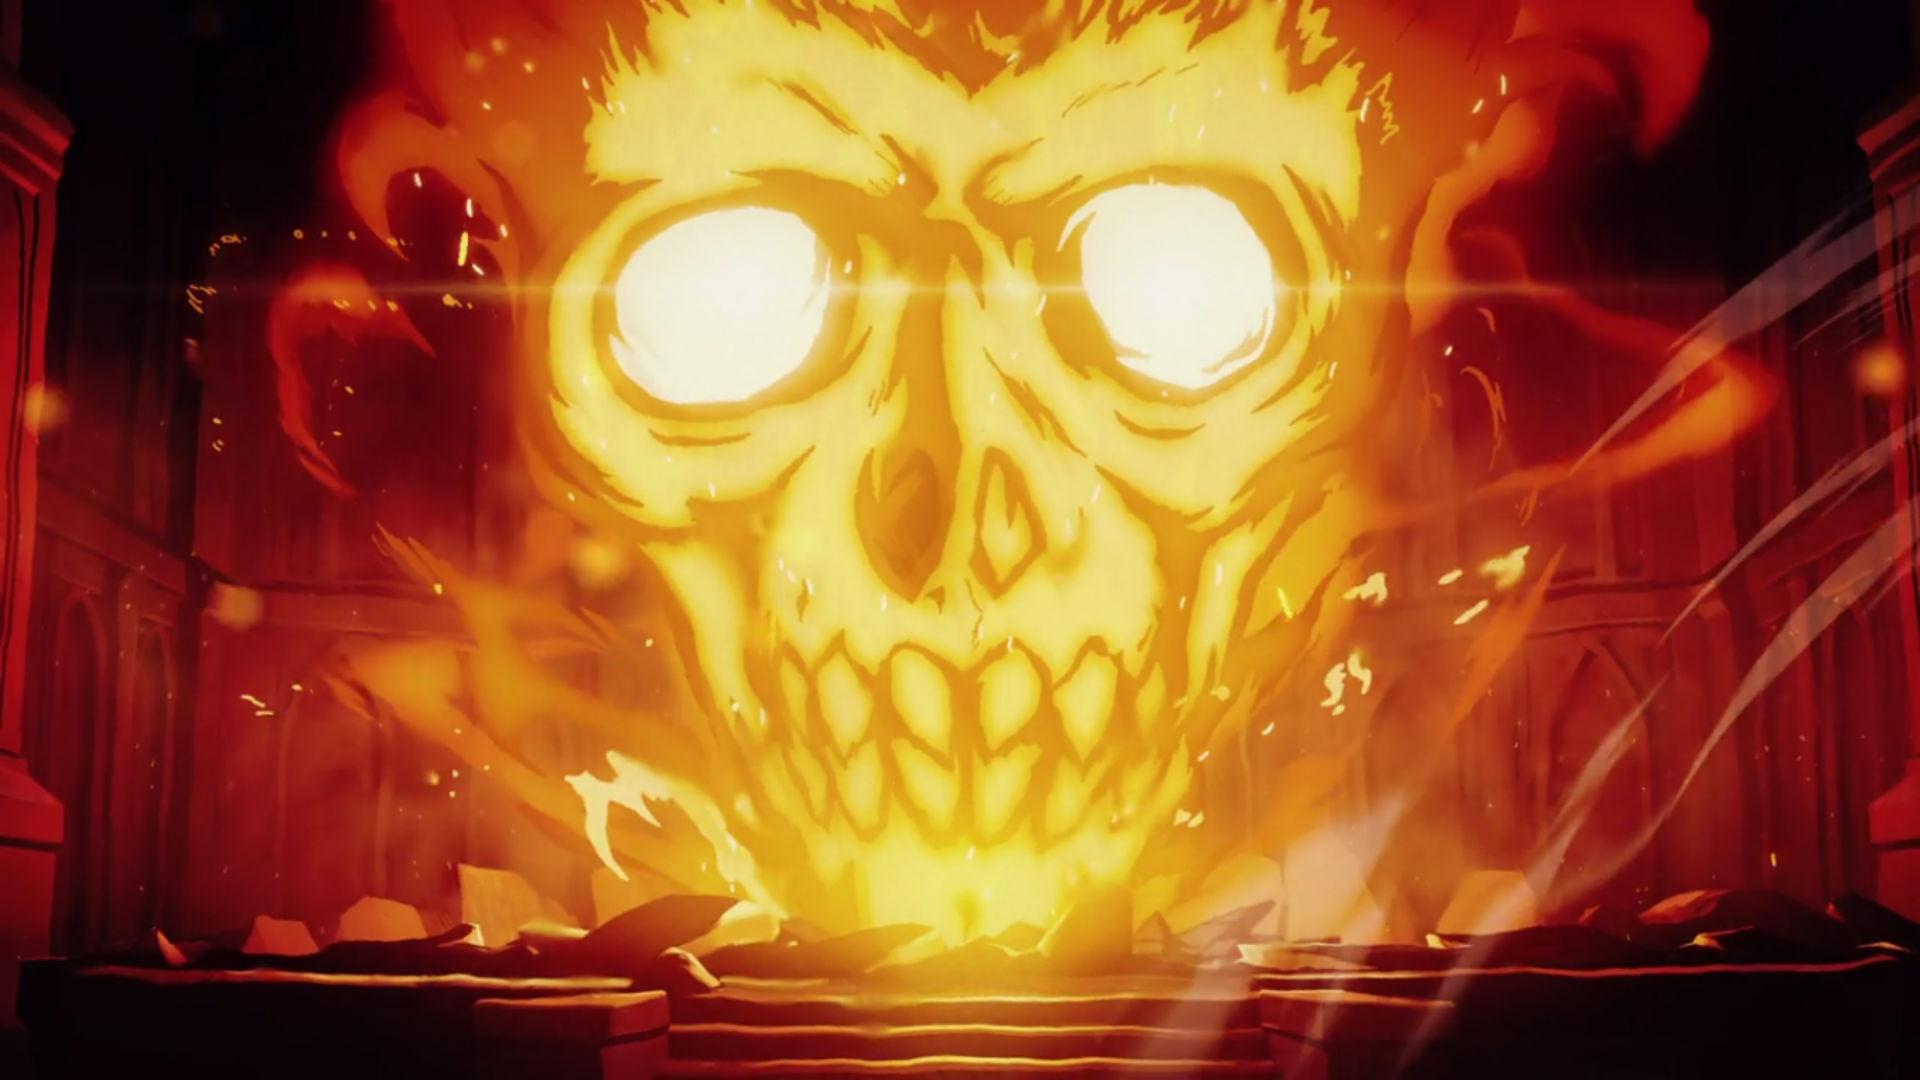 Seu Deus Está Morto! - As Desventuras entre o Cavaleiro da Morte e o Juiz do Inferno 445745-Castlevania1